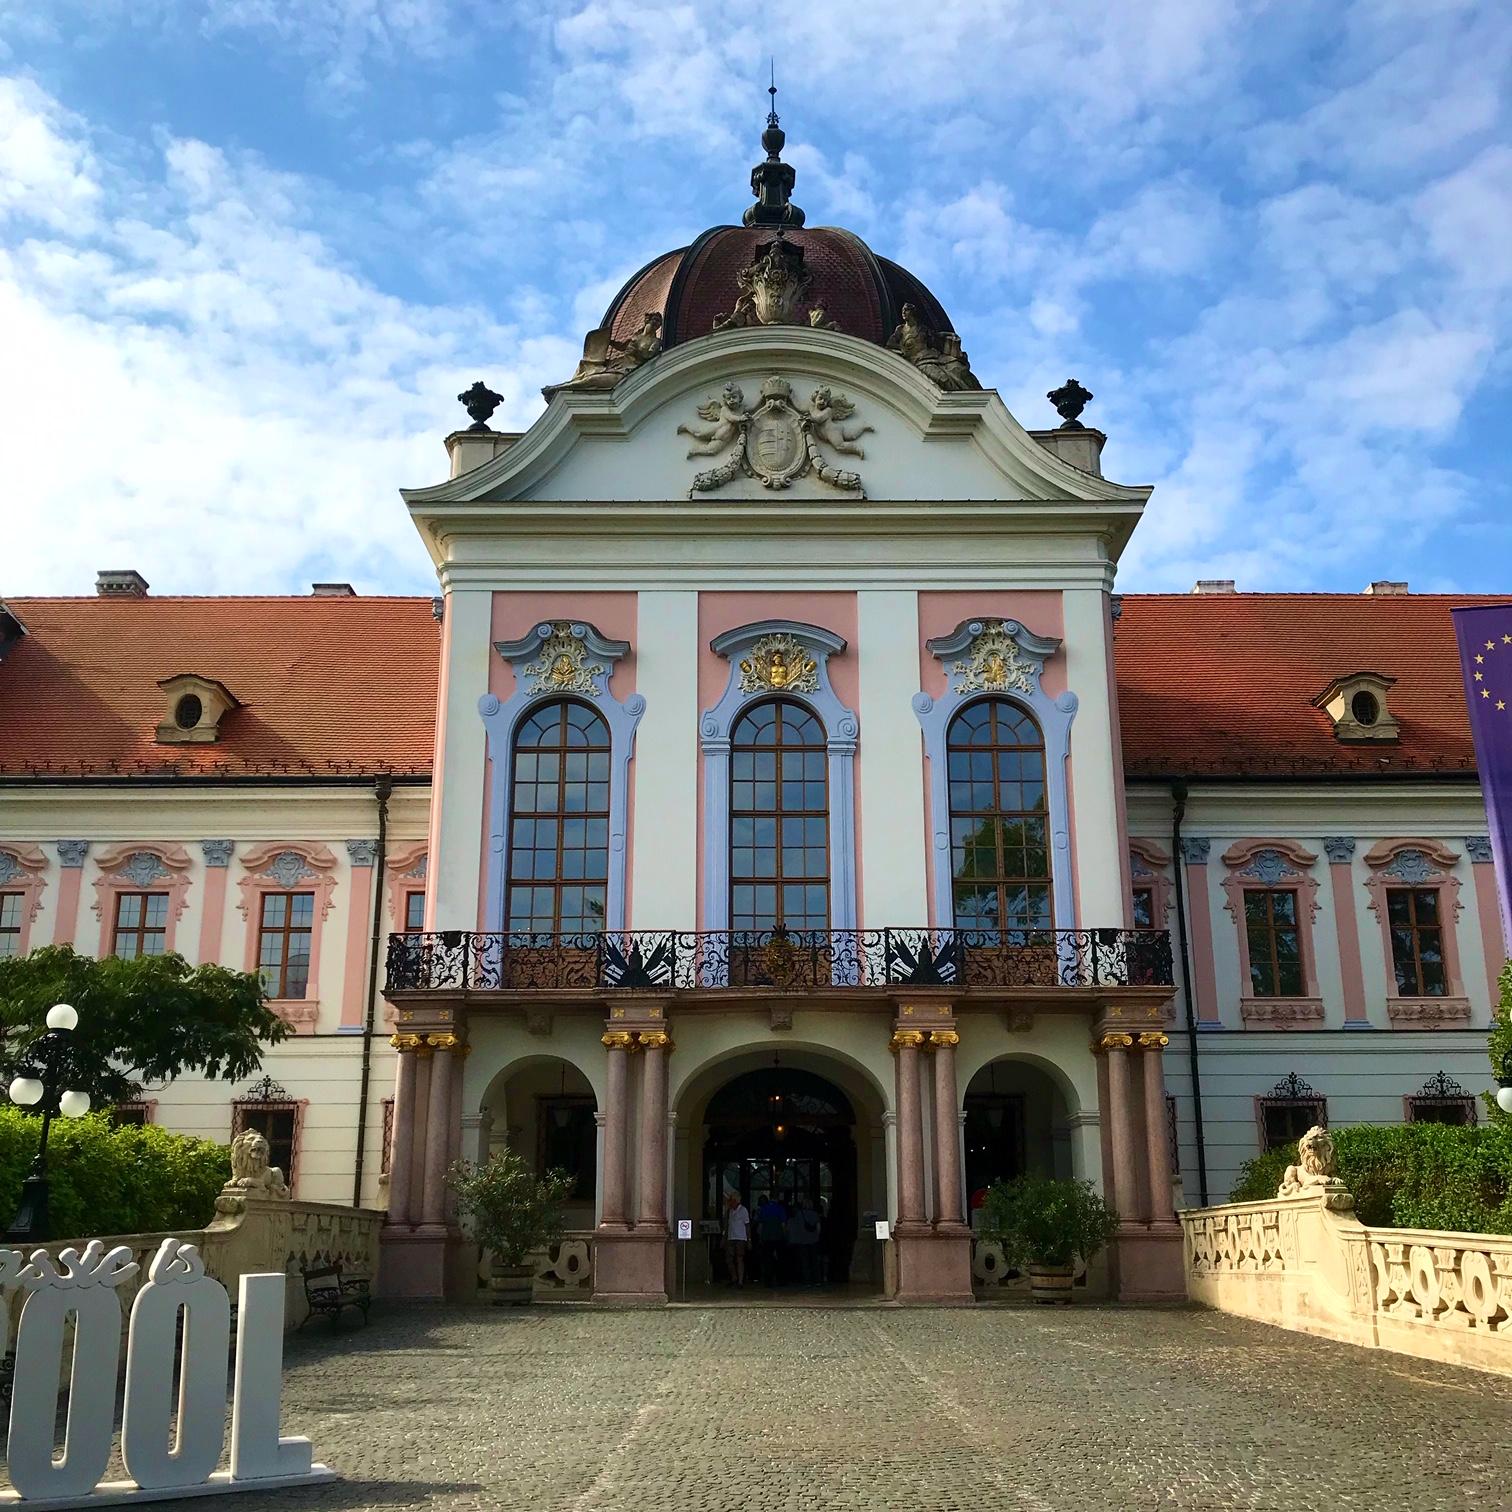 Cum am descoperit reședința lui Sissy din Gödöllő